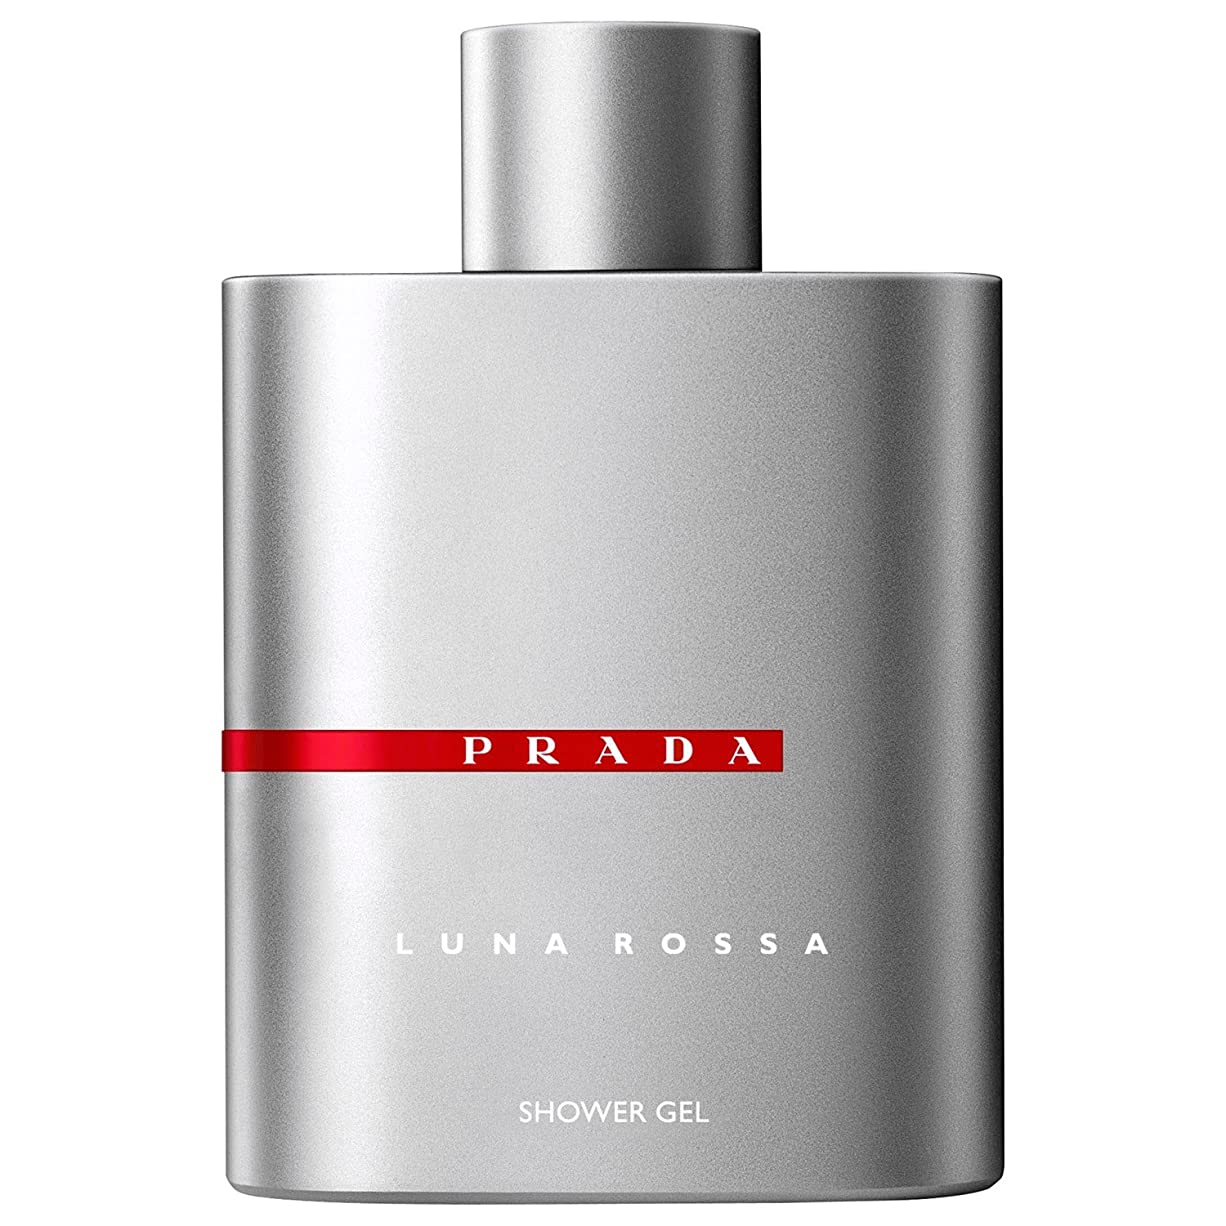 緩やかな発生くびれたプラダルナロッサシャワージェル150ミリリットル (Prada) (x6) - Prada Luna Rossa Shower Gel 150ml (Pack of 6) [並行輸入品]